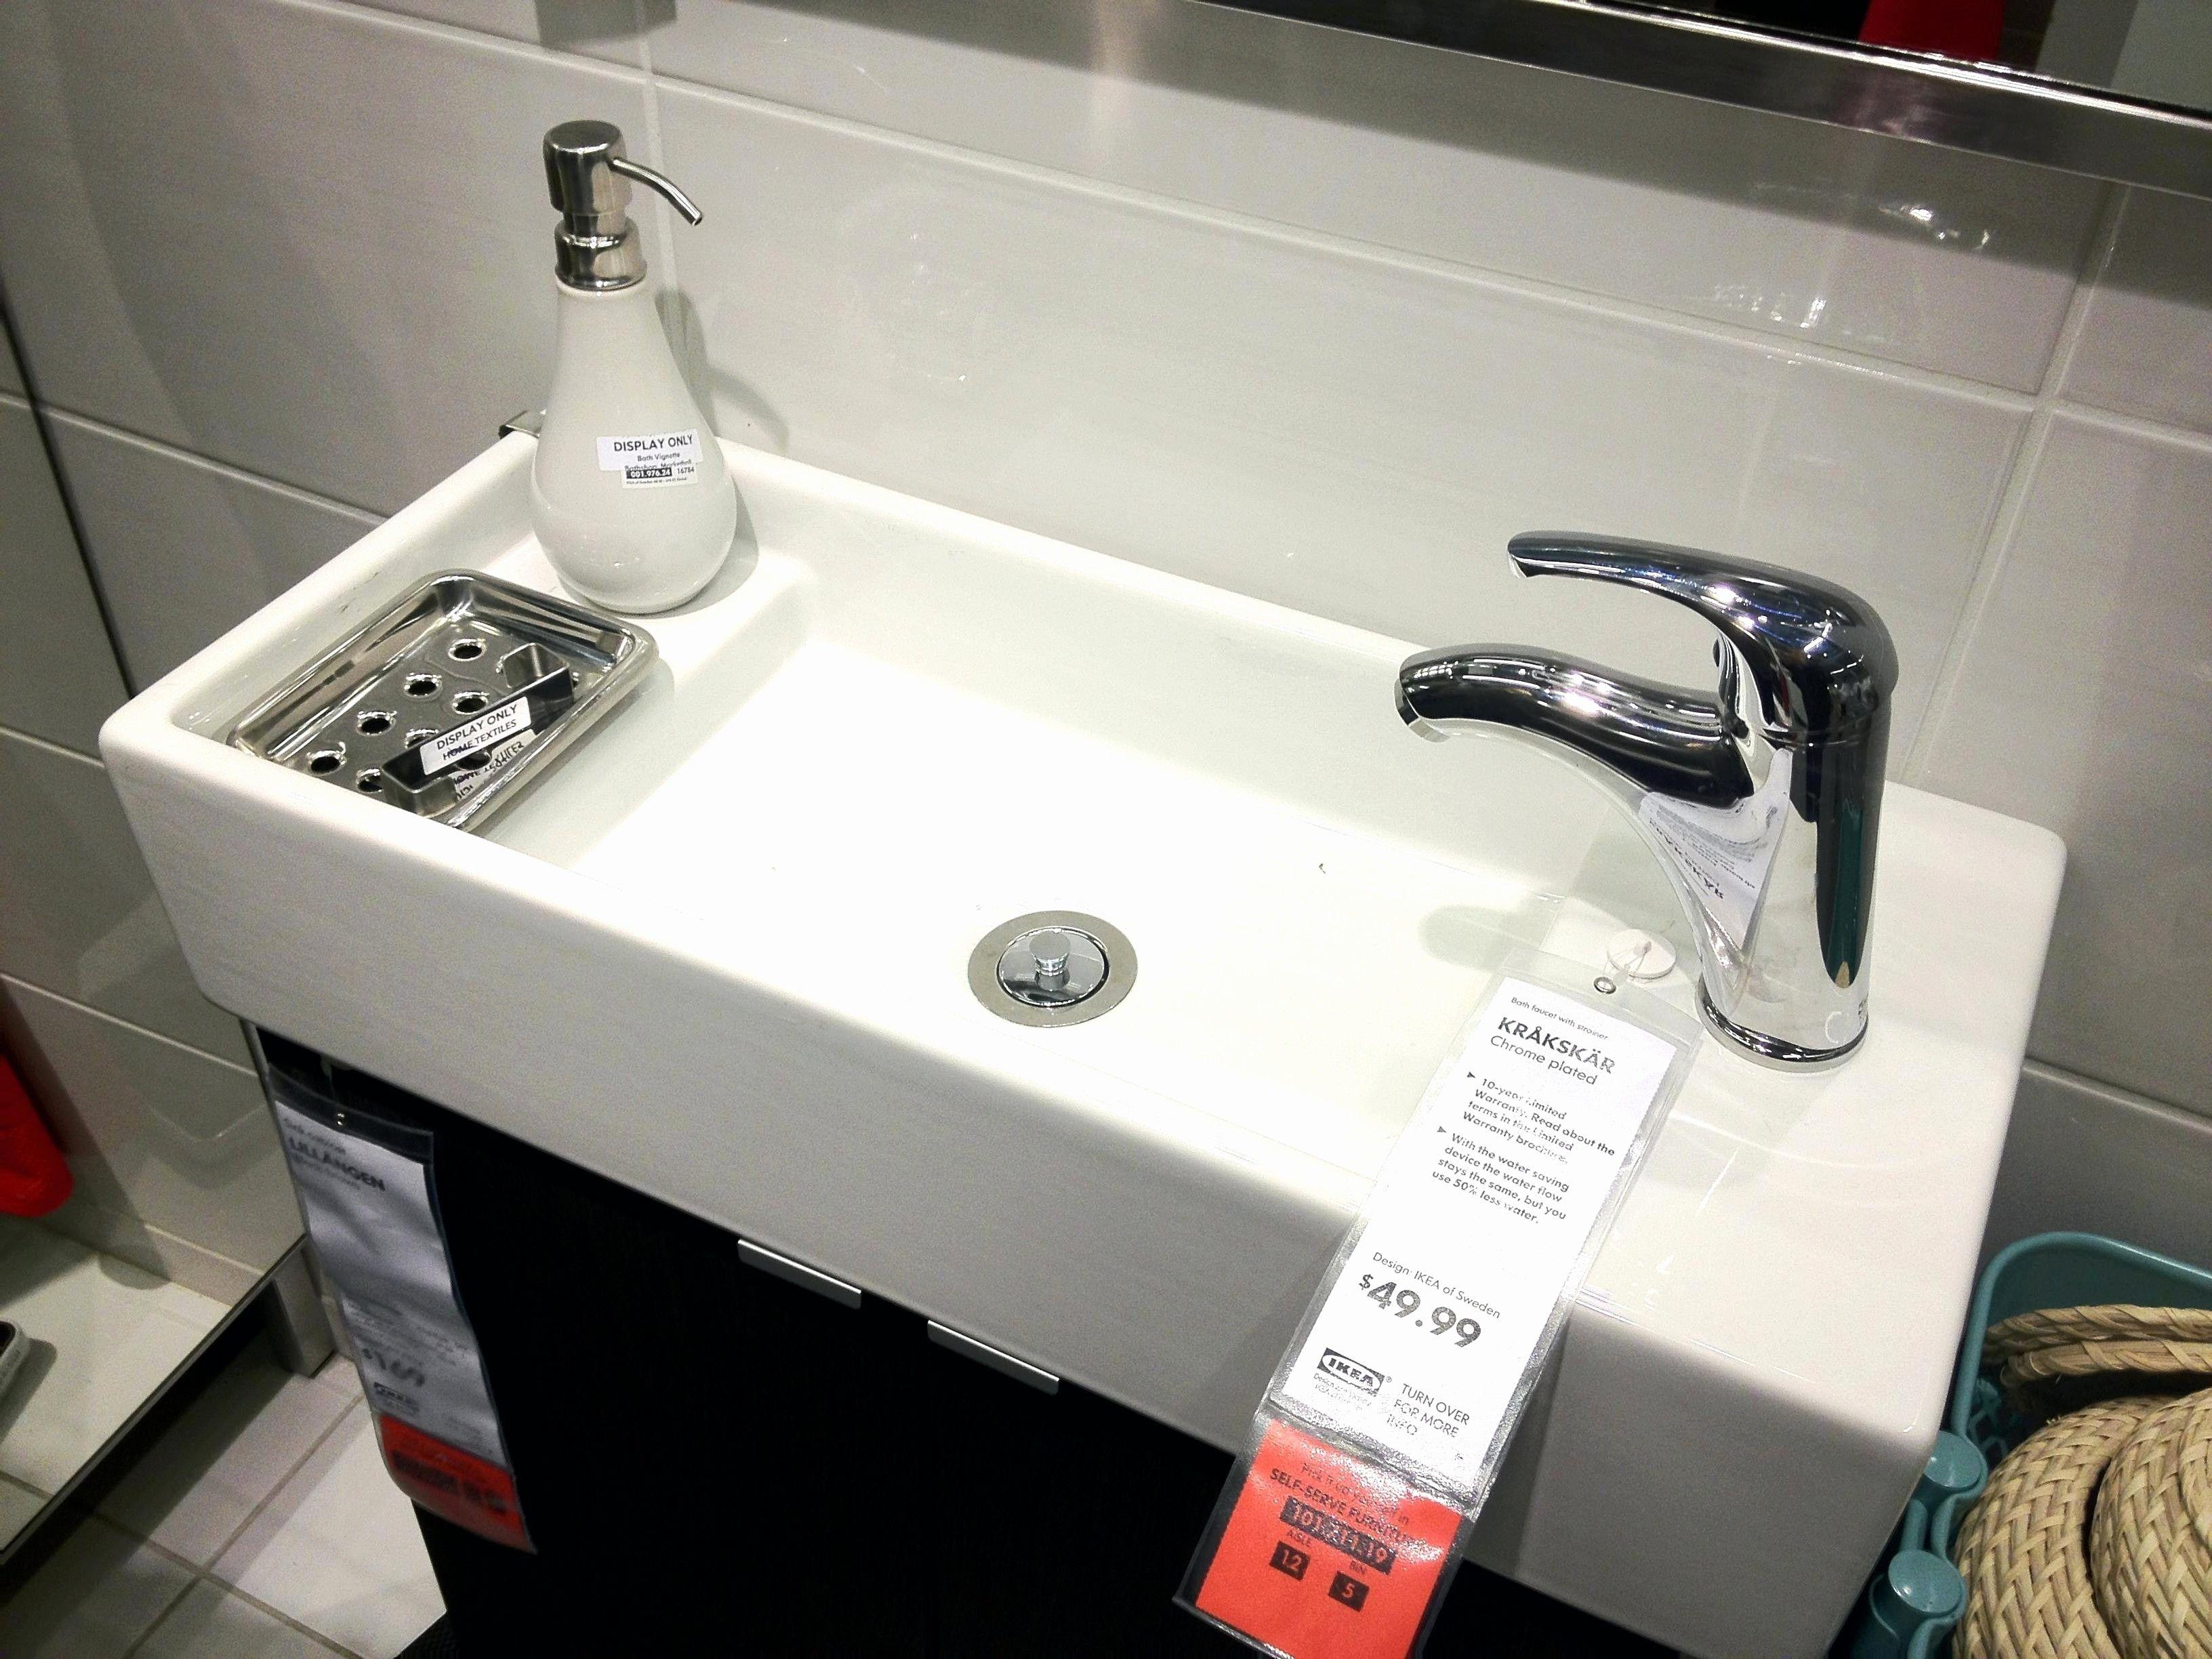 Download Wallpaper White Rv Kitchen Faucet